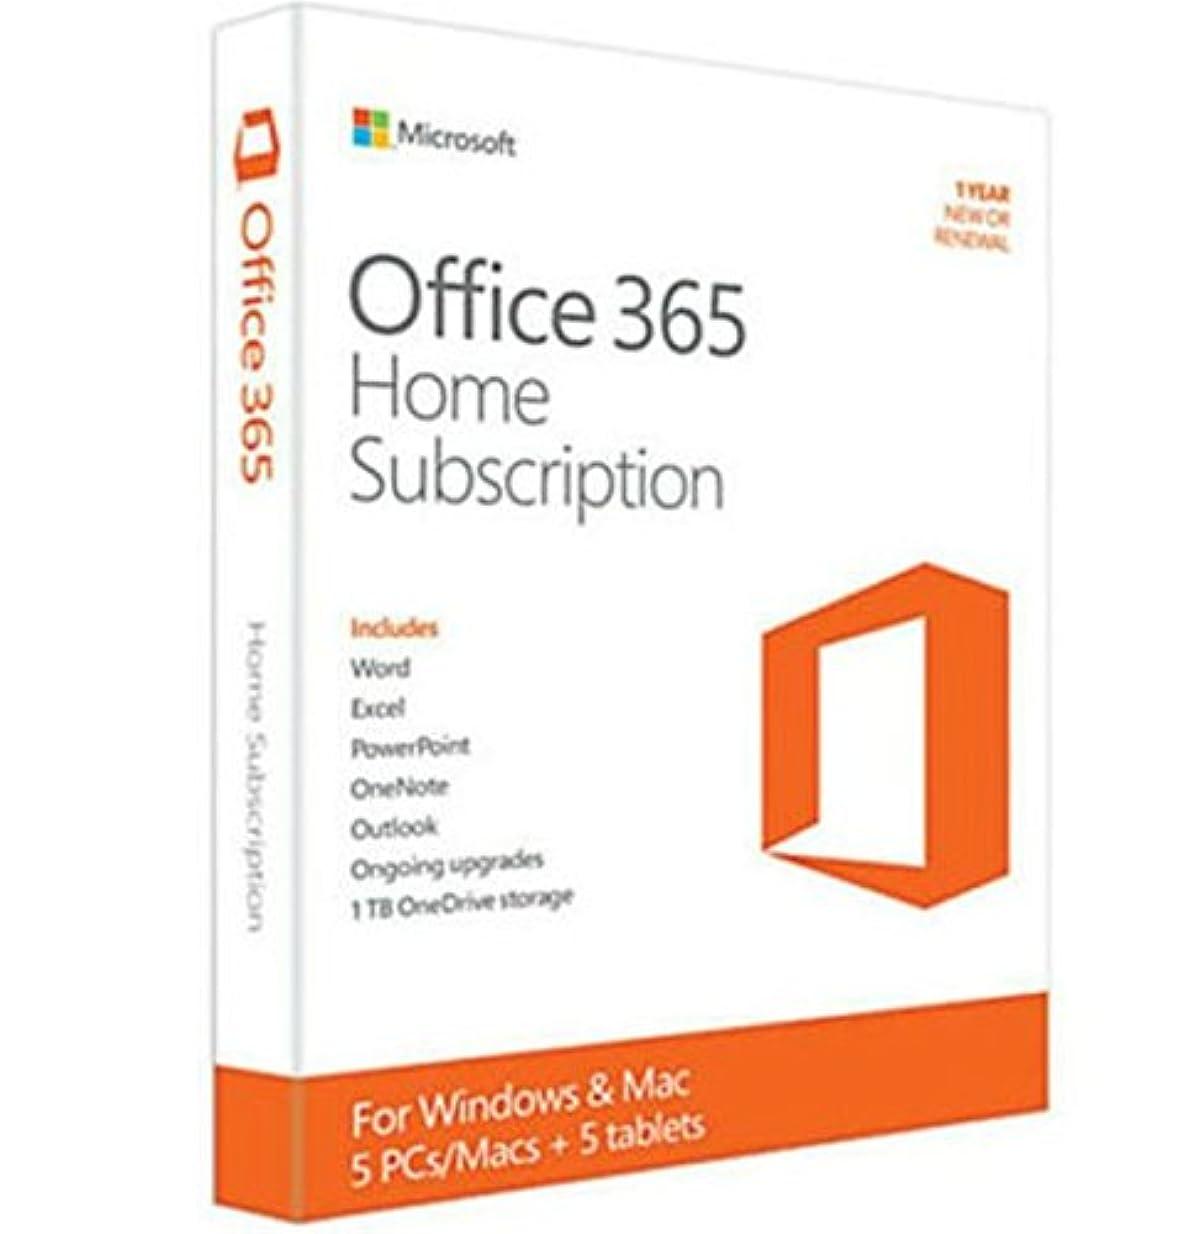 増強スポーツ咽頭Office 365 Home (5台版)(Word/E xcel/PowerPoint/OneNote)【並行 輸入品】